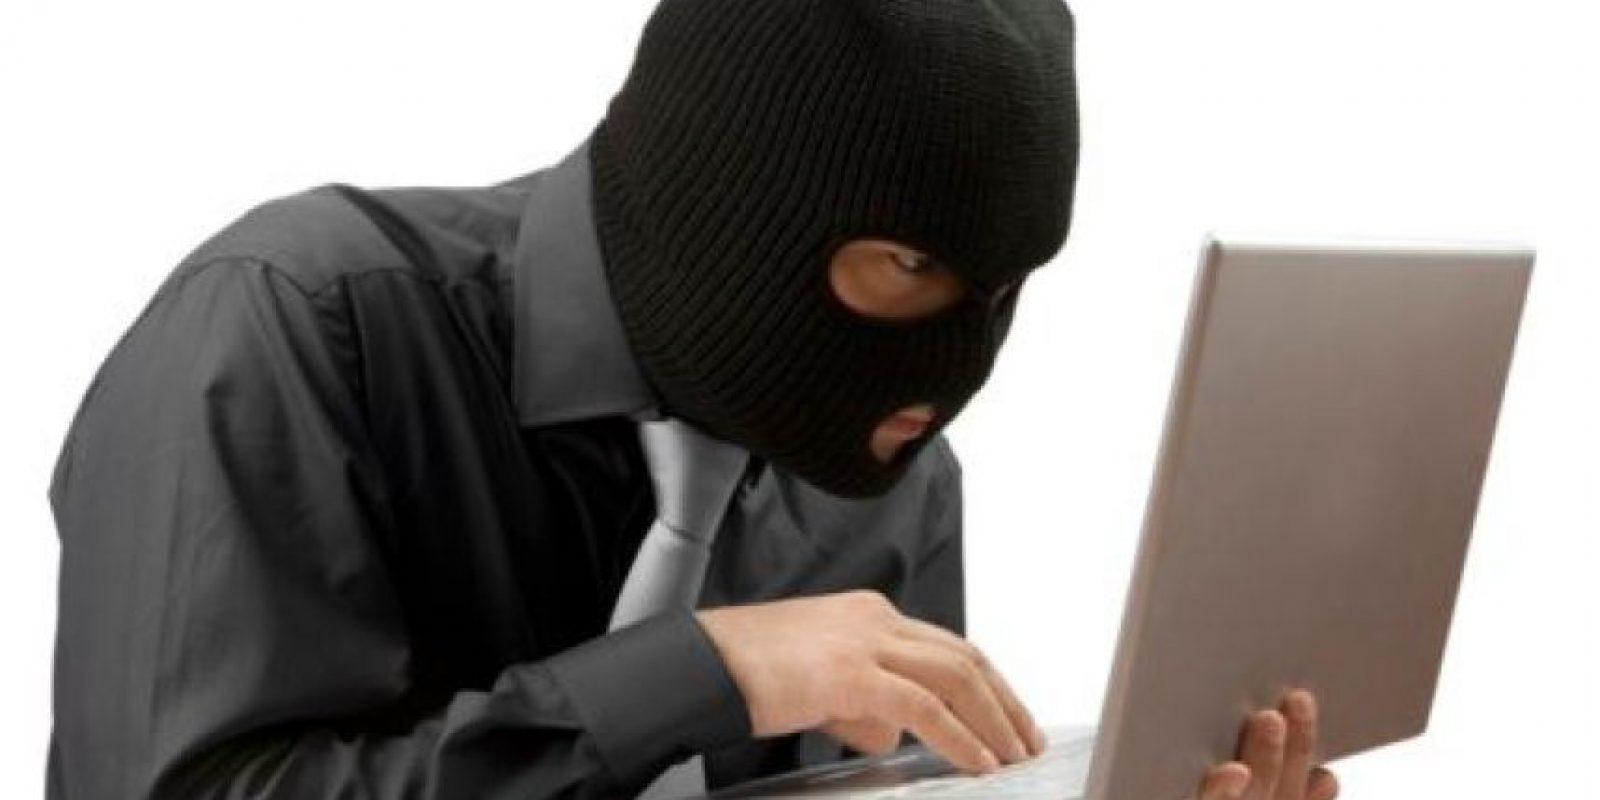 Los delincuentes buscan instalar virus electrónicos o sistemas que les permitan conocer y apoderarse de tus datos personales. Foto:Especial